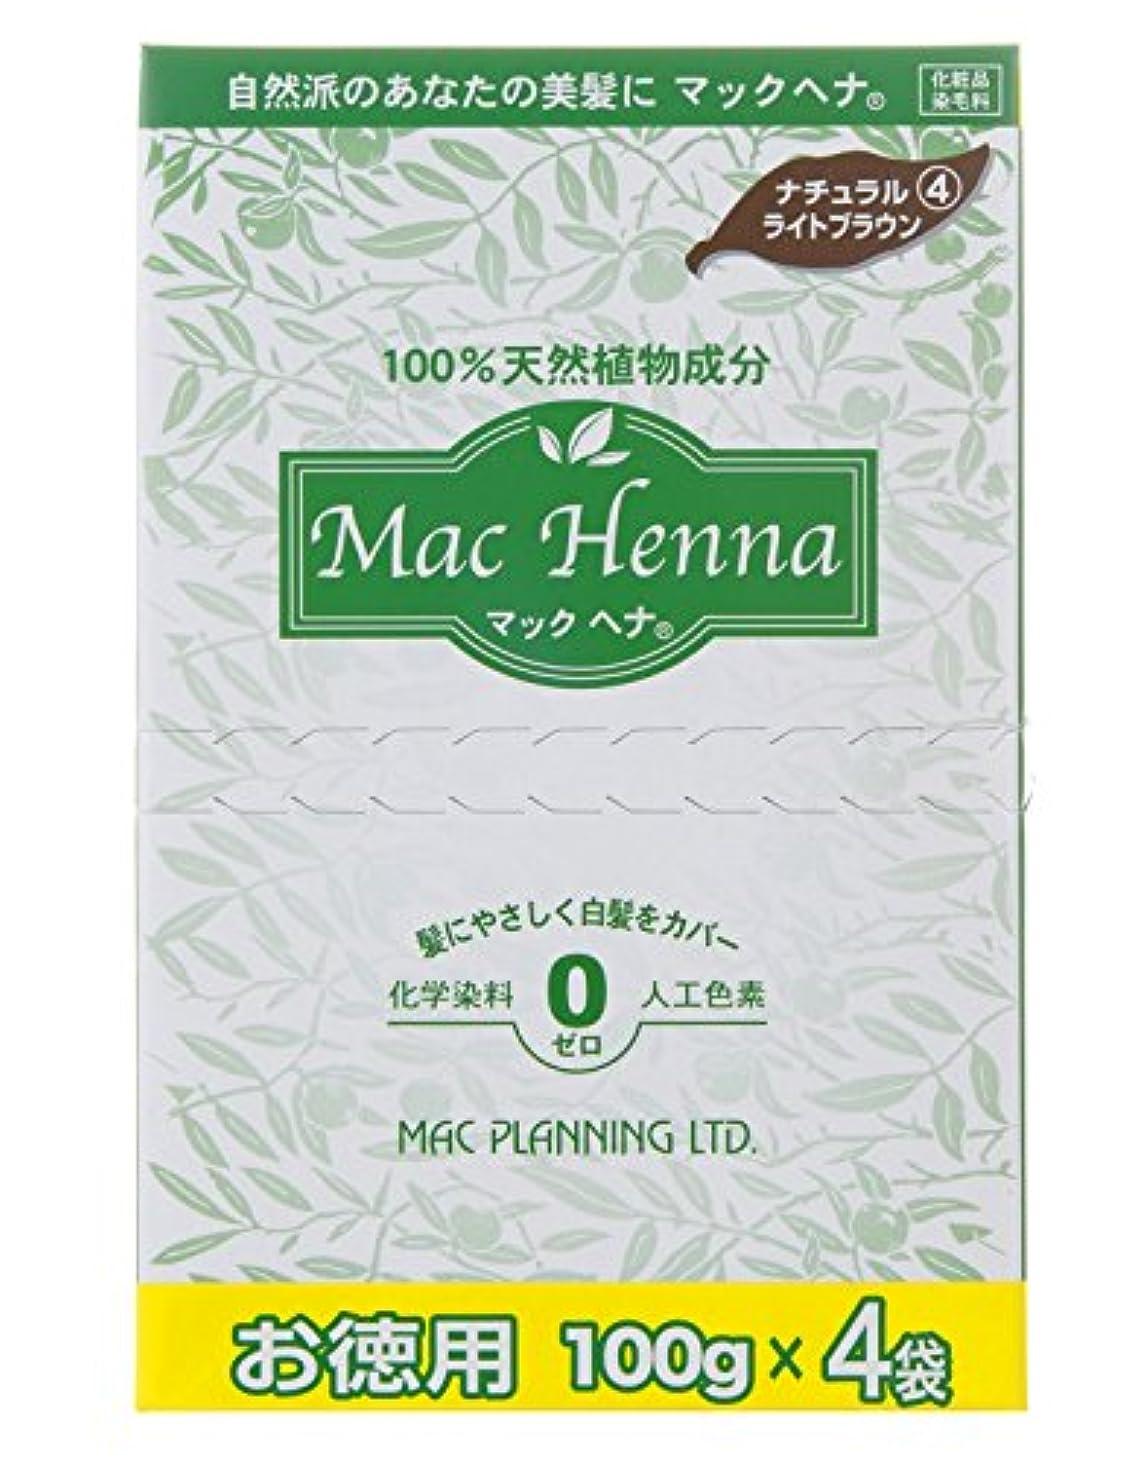 経験者心臓王朝マックヘナ お徳用 ナチュラルライトブラウン400g ヘナ白髪用カラー